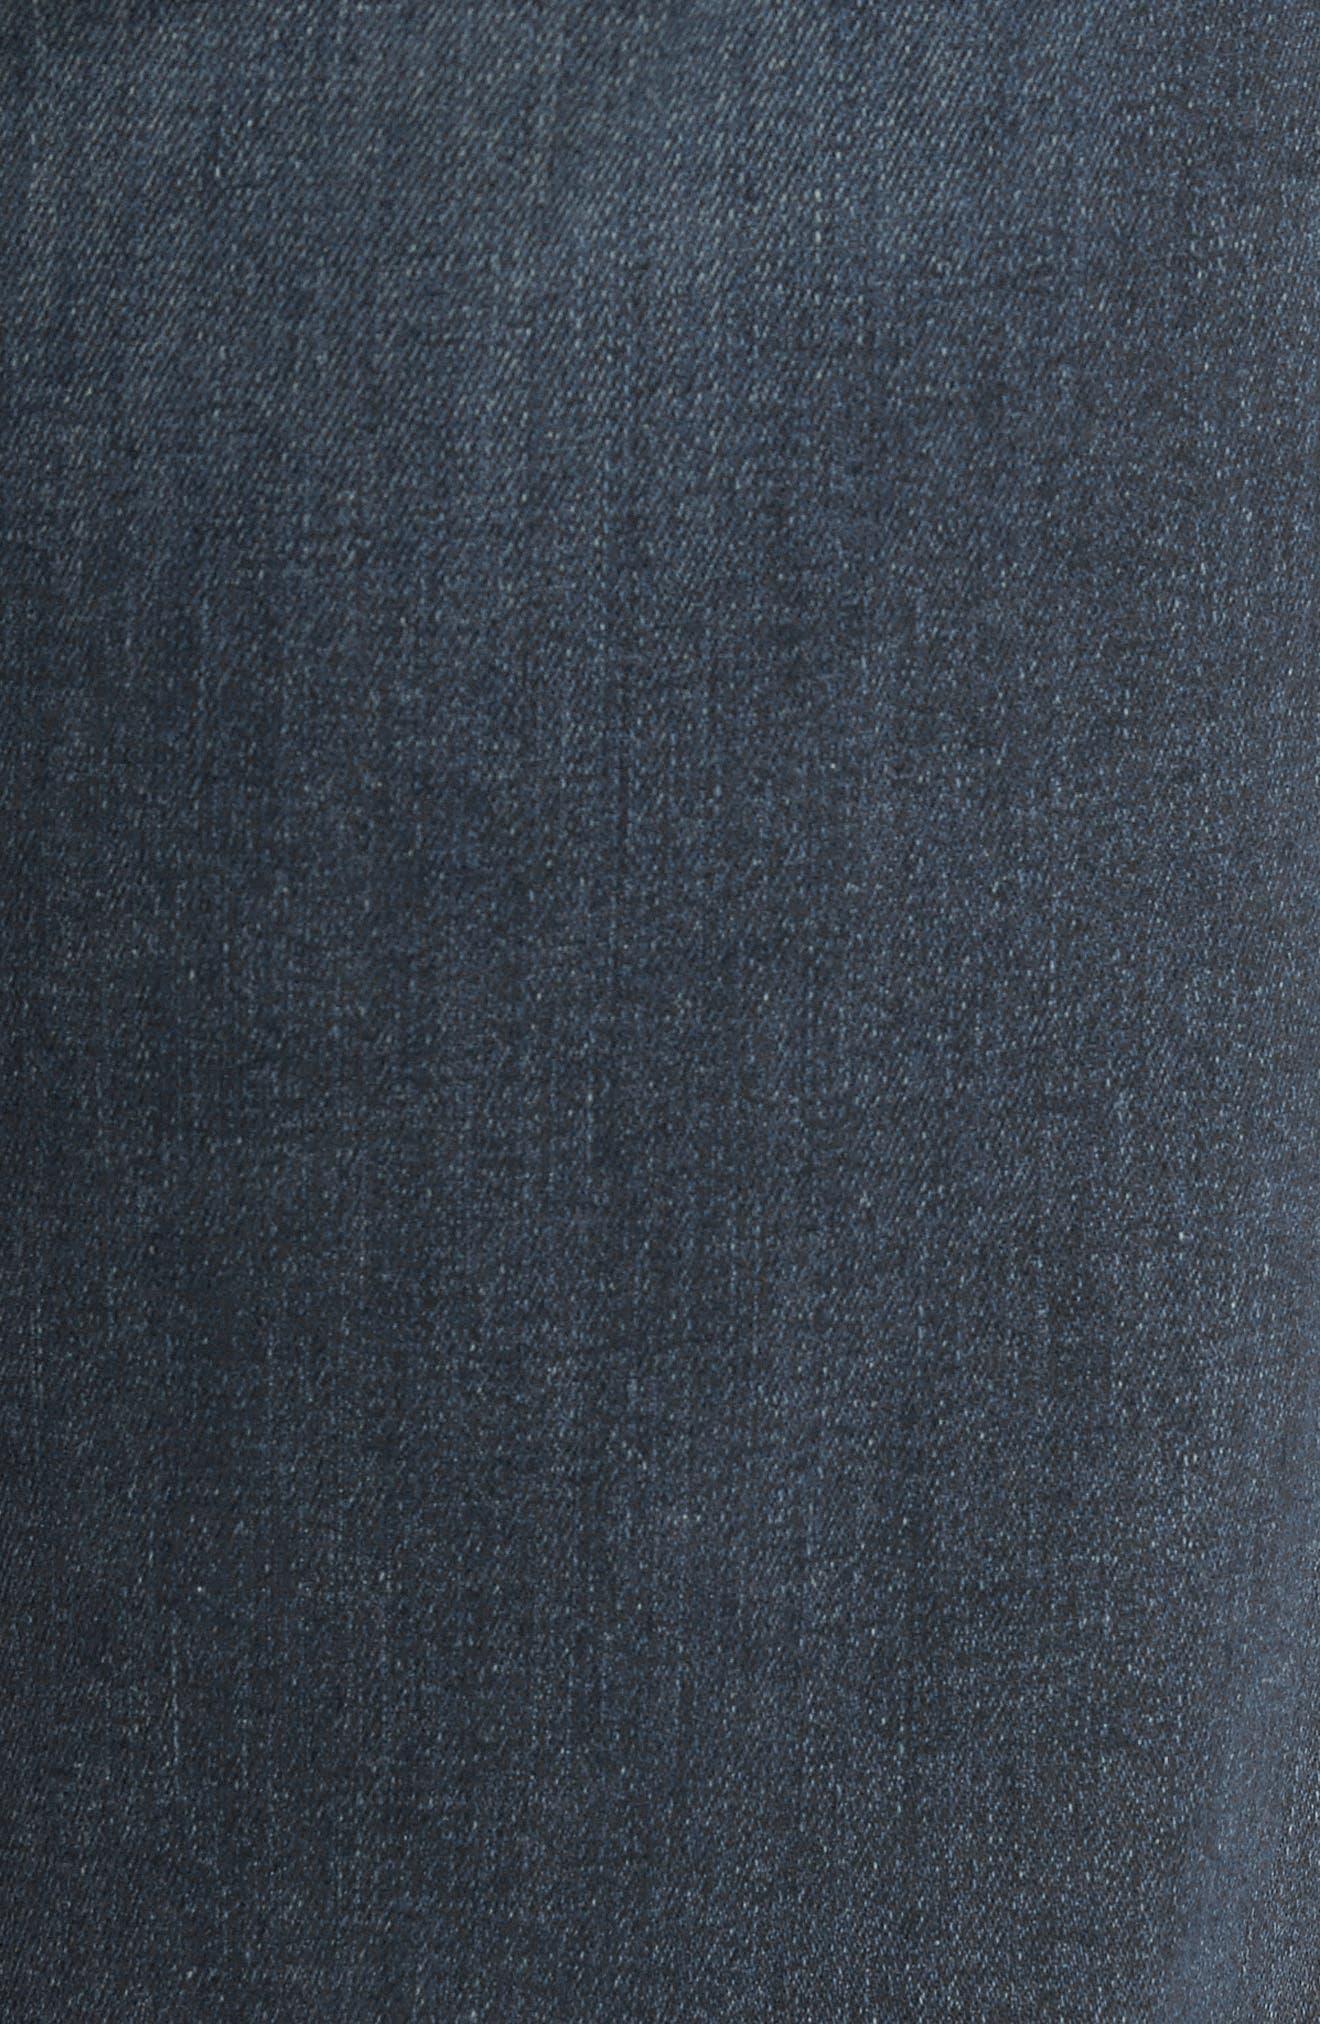 Normandie Straight Leg Jeans,                             Alternate thumbnail 5, color,                             Daniels